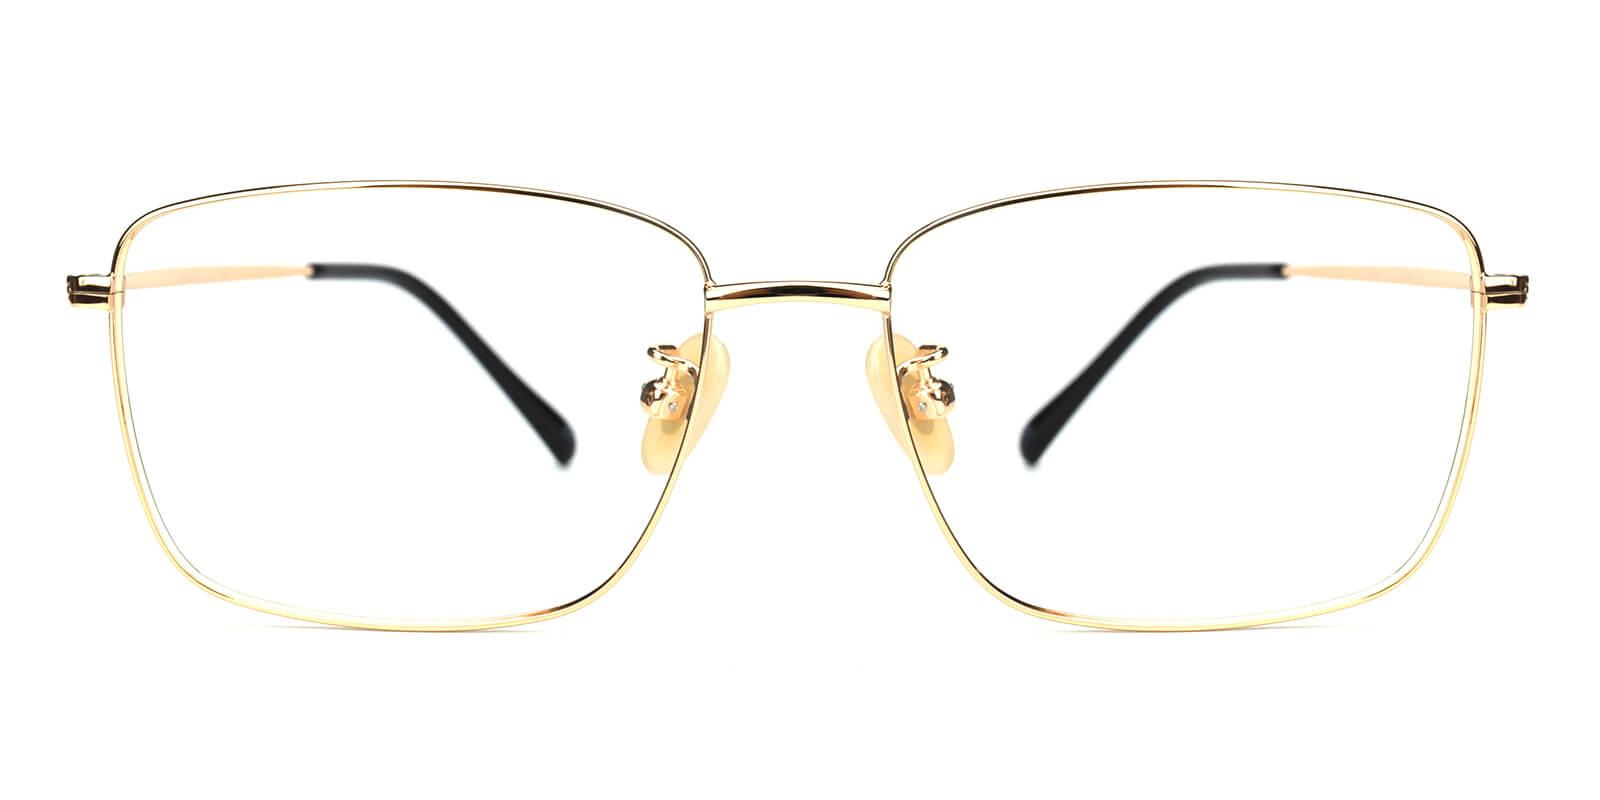 Pensieve-Gold-Square-Titanium-Eyeglasses-additional2